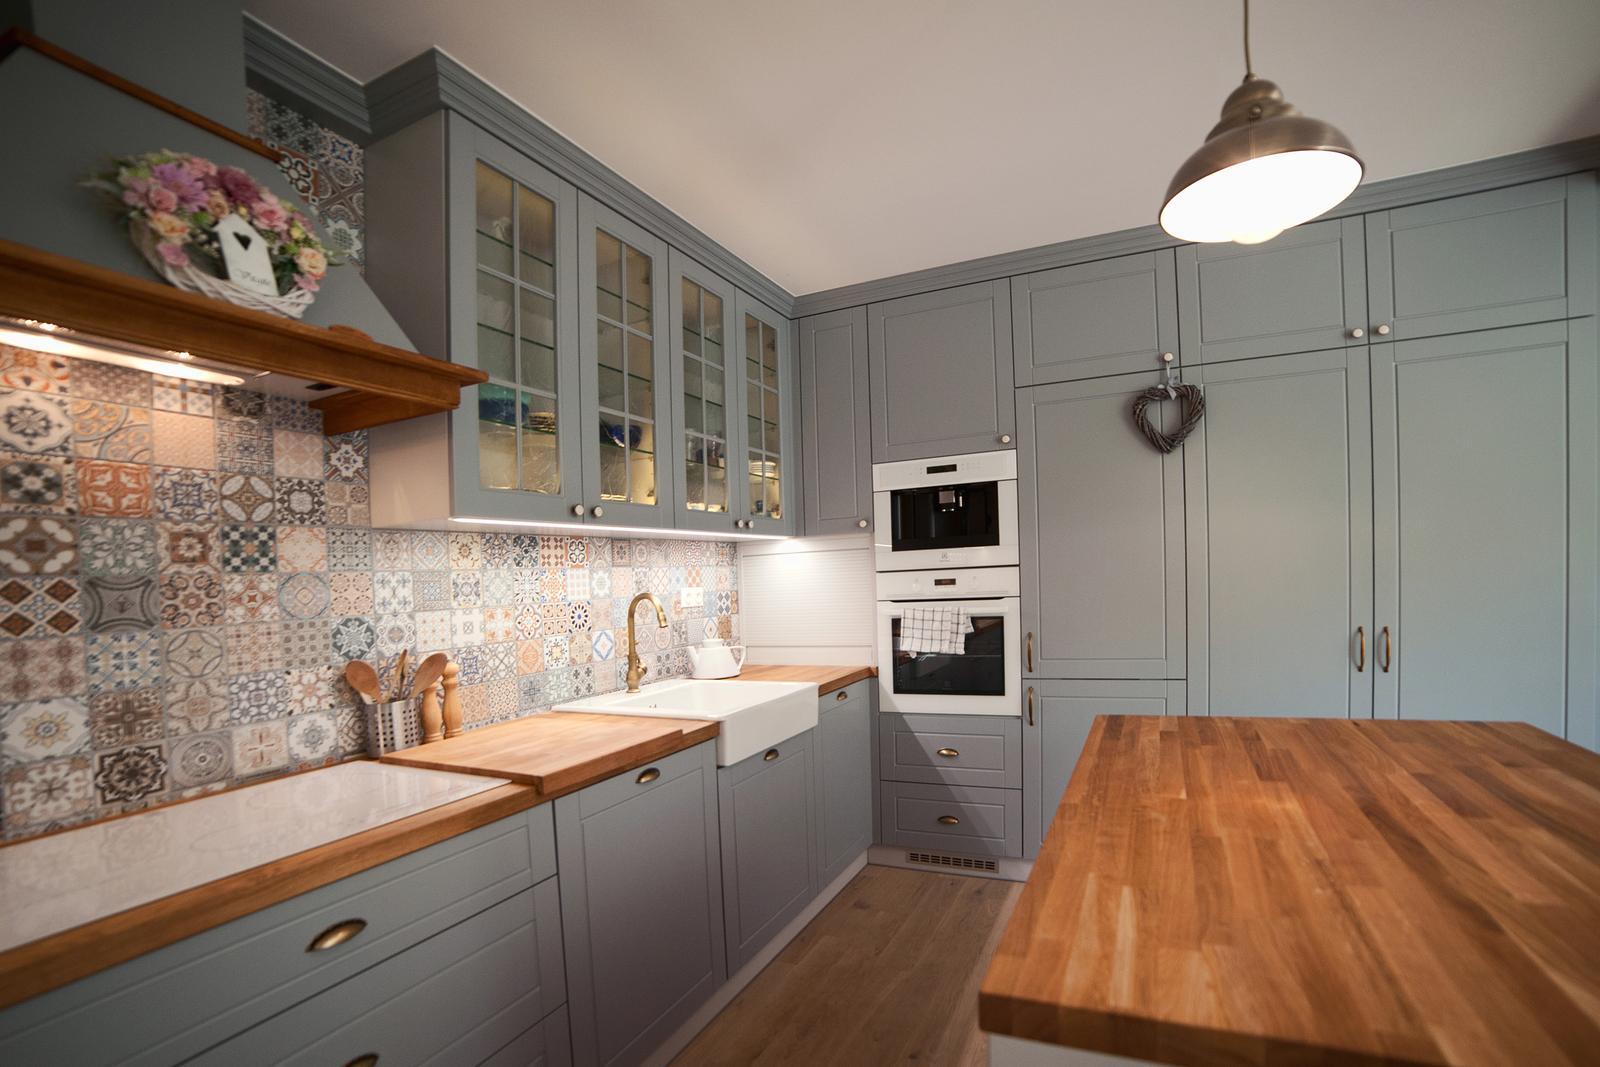 Kuchyňa vo vidieckom štýle - Obrázok č. 6